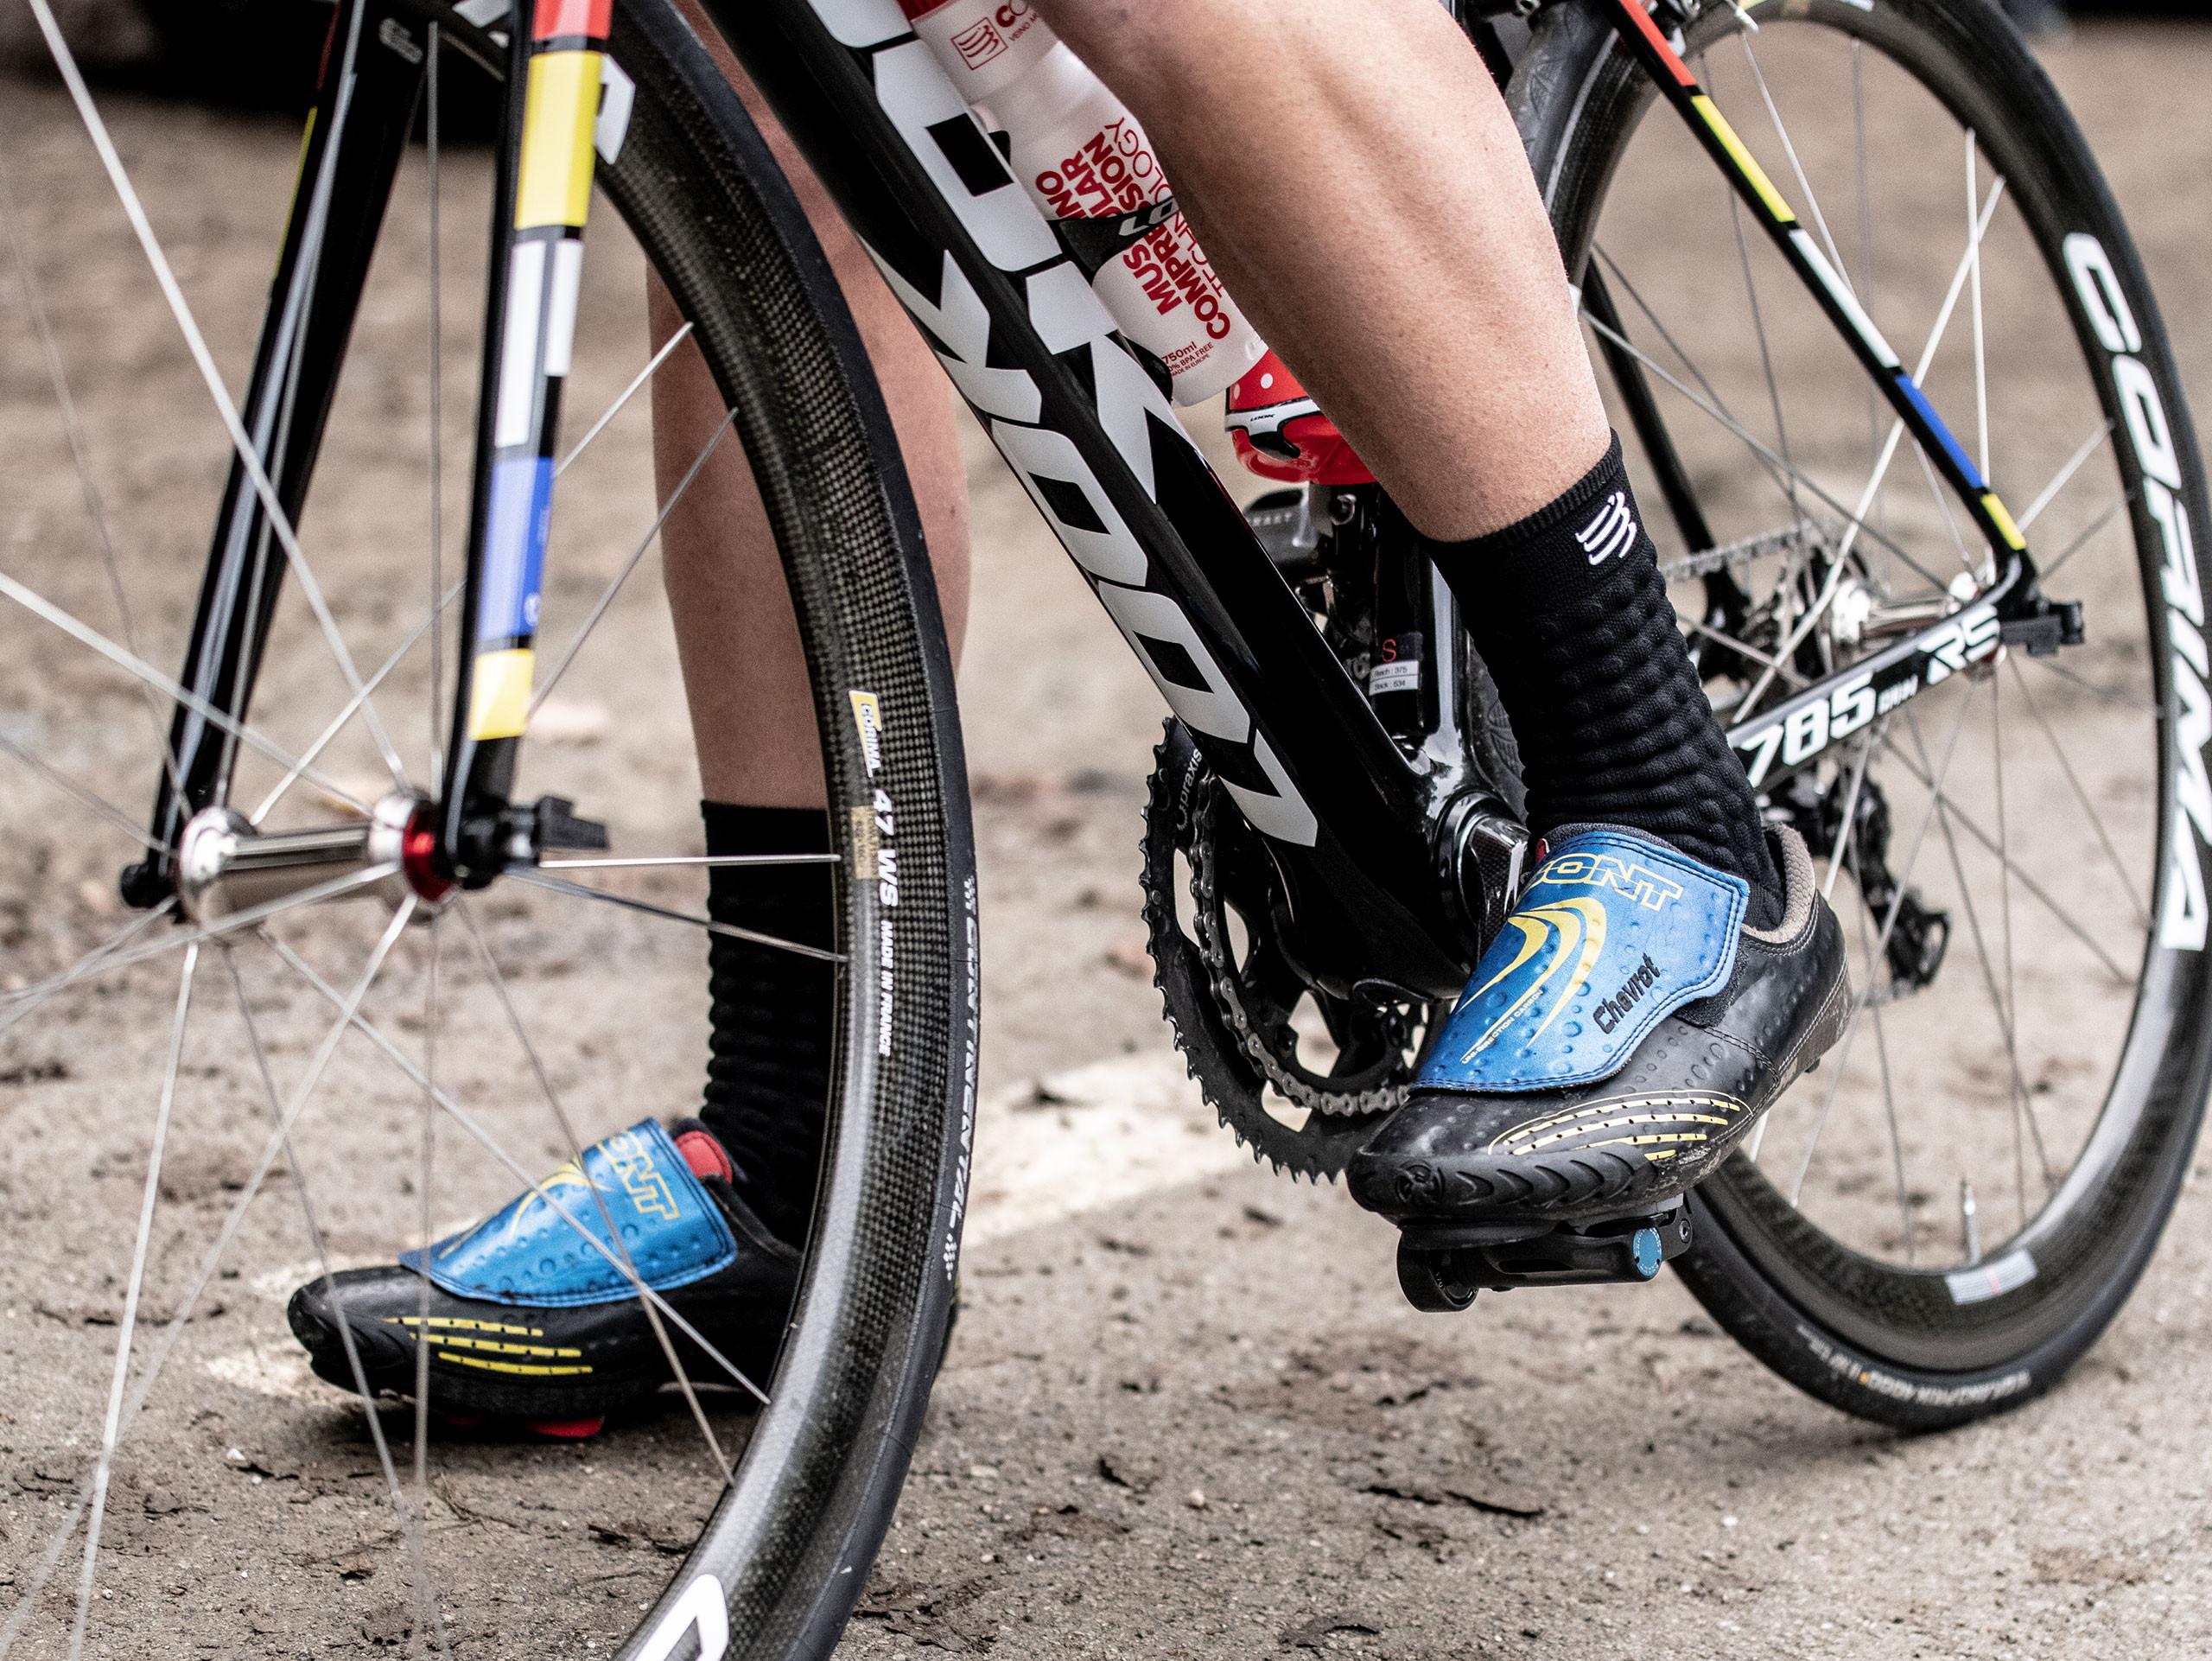 Pro Racing Socks v3.0 - Winter bike schwarz